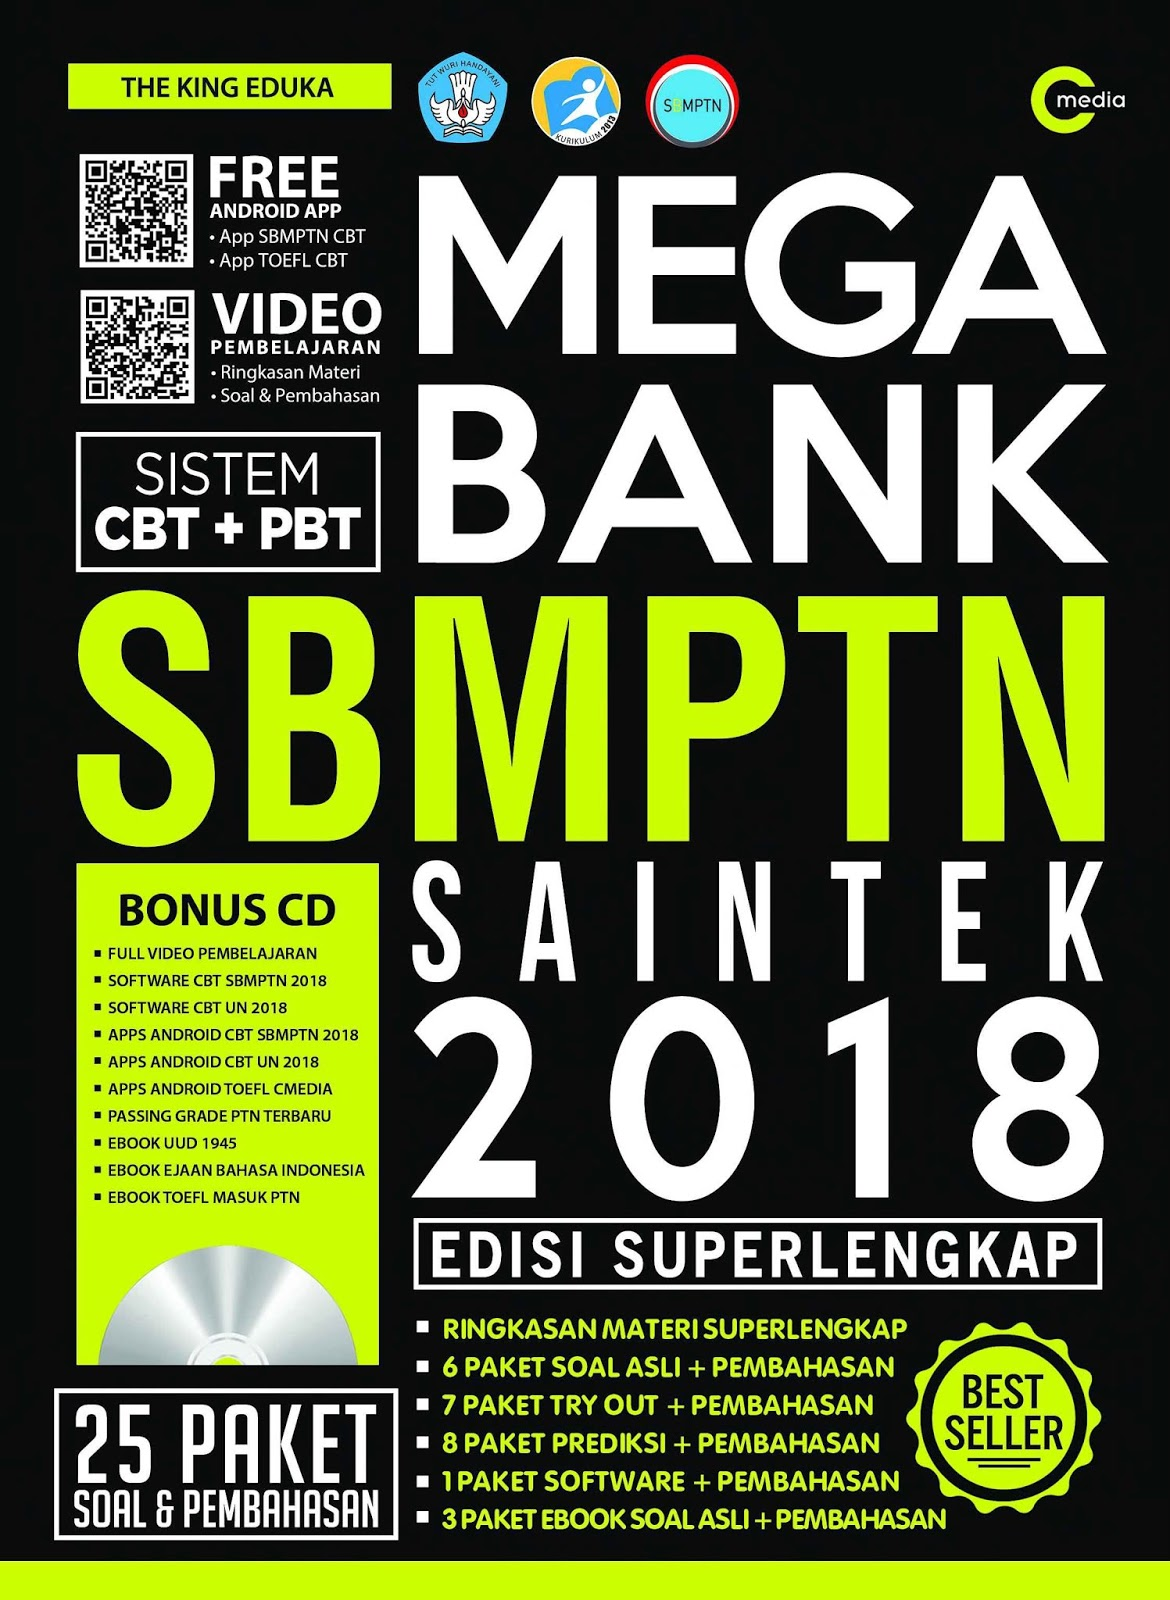 Download Mega Bank SBMPTN Saintek 2018 (Edisi Super Lengkap)